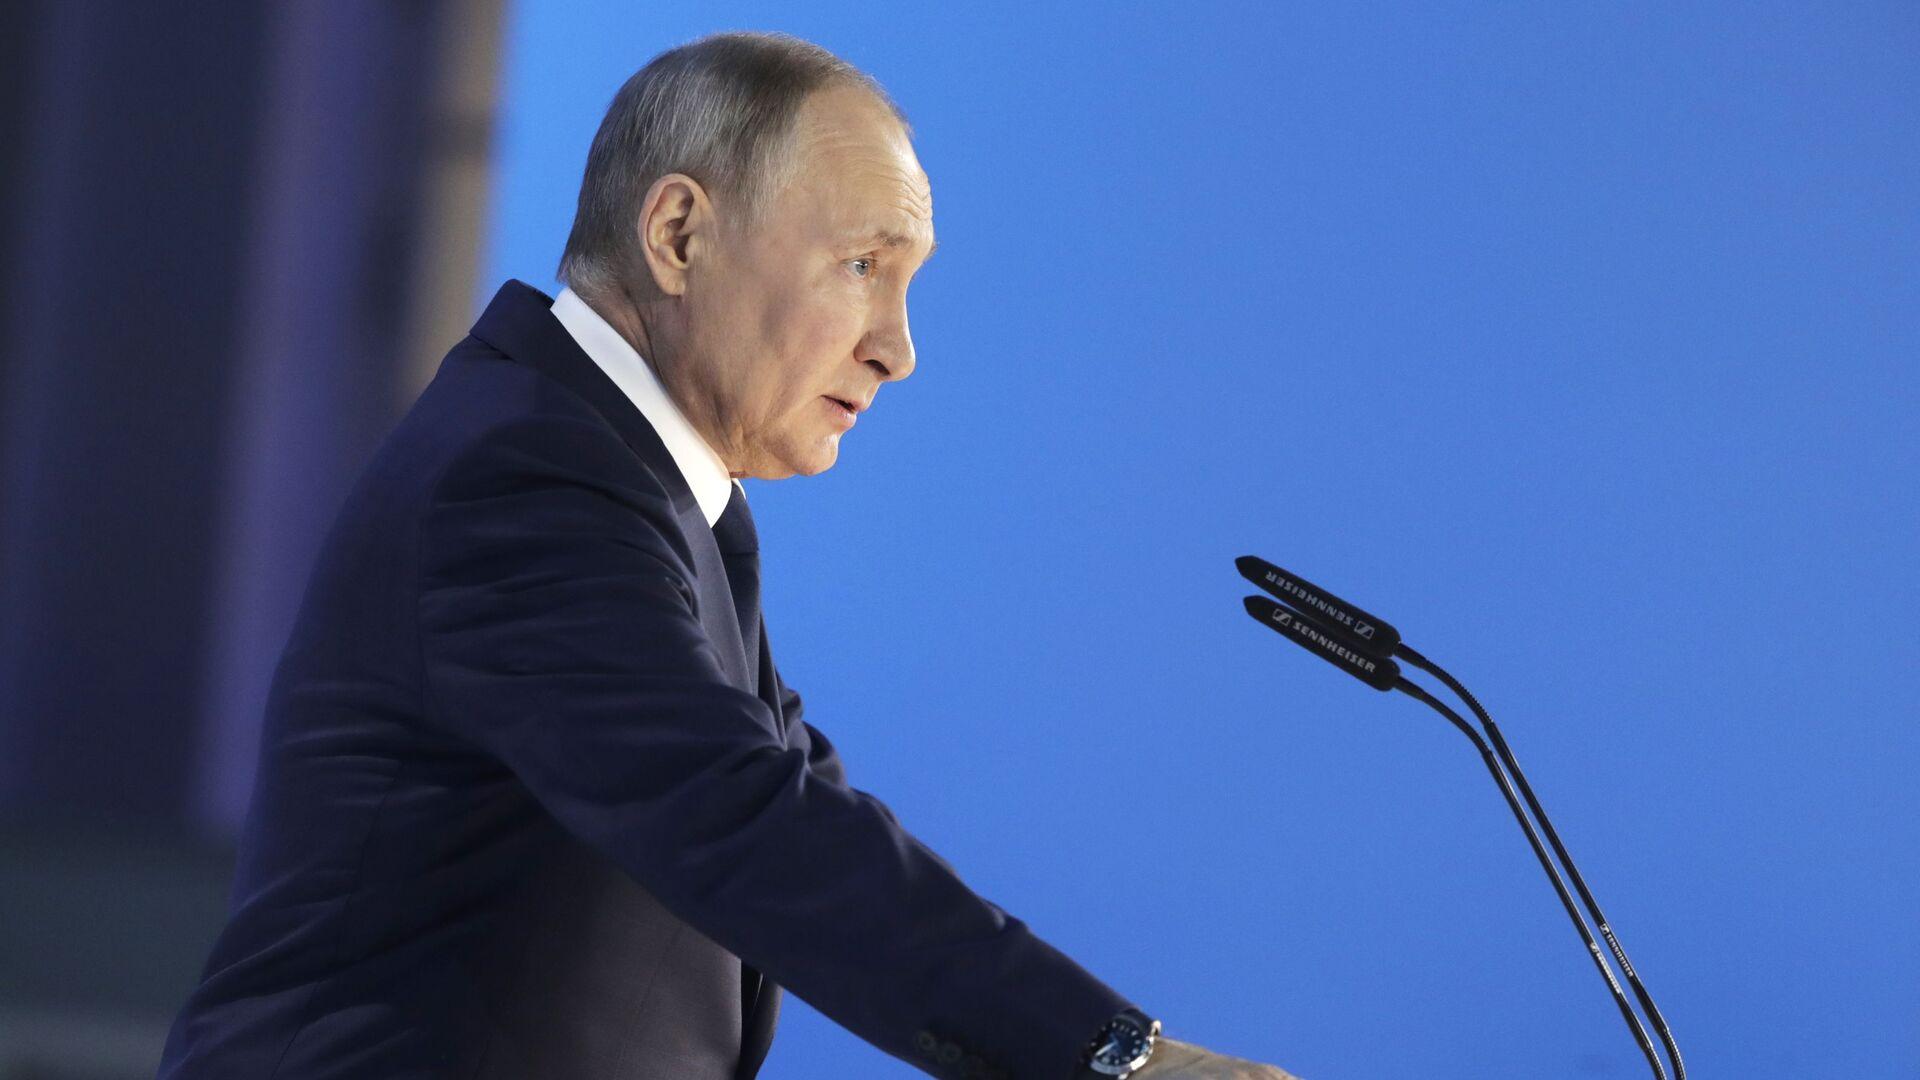 Ruský prezident Vladimir Putin - Sputnik Česká republika, 1920, 16.07.2021